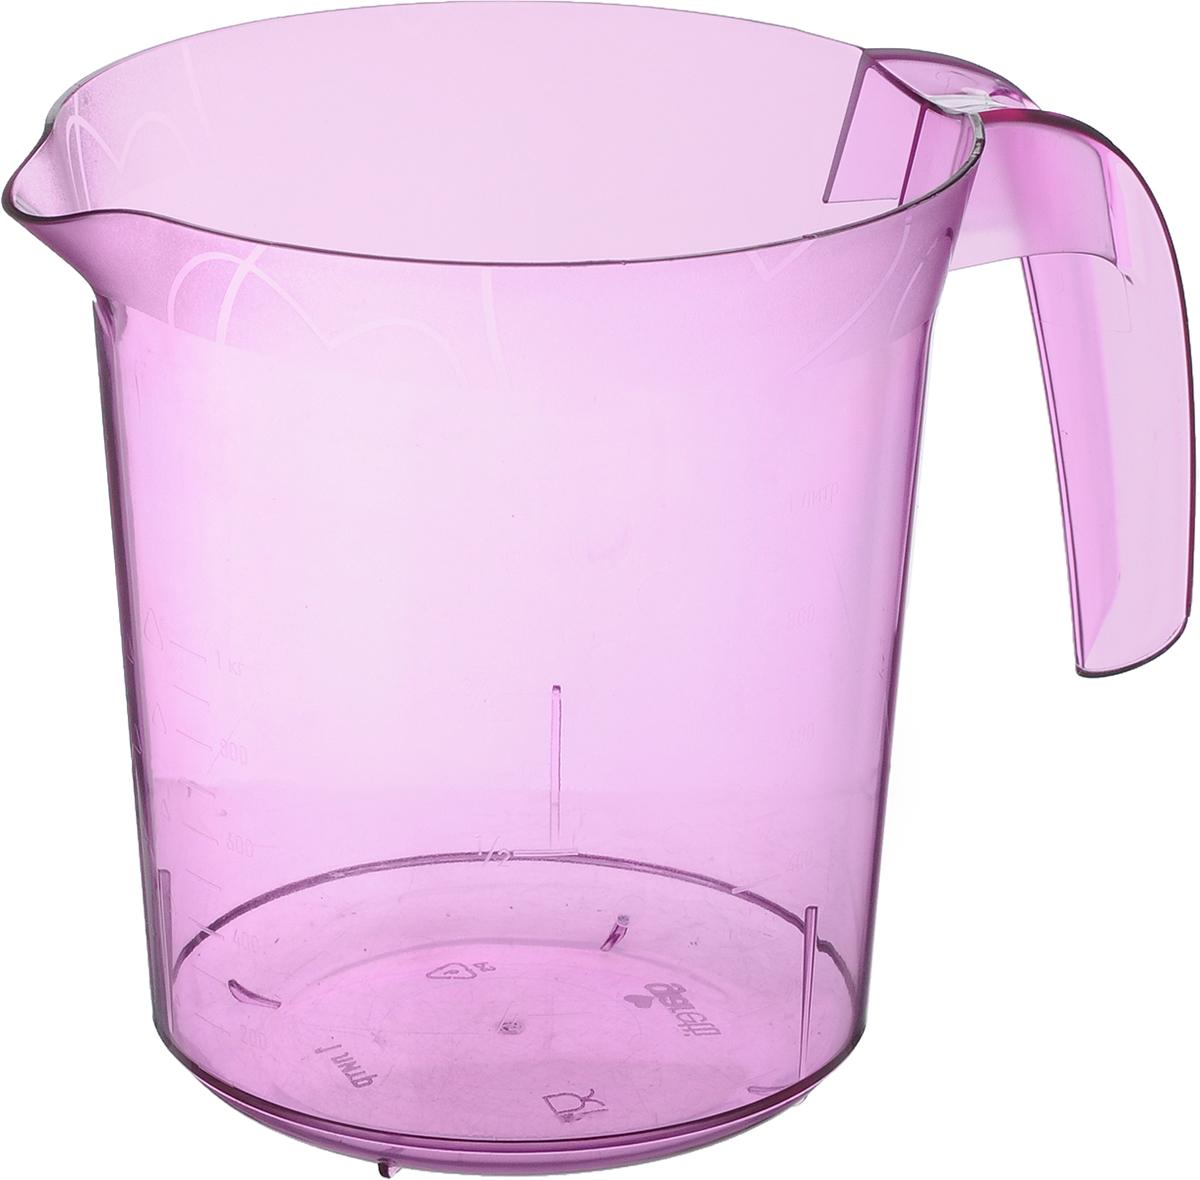 Стакан мерный Giaretti, цвет: сиреневый, 1 л68/5/4Мерный прозрачный стакан Giaretti выполнен из полистирола. Стакан оснащен удобной ручкой и носиком, которые делают изделие еще более простым в использовании. Он позволяет мерить жидкости до 1 л. Удобная форма стакана позволяет как отмерить необходимое количество продукта, так и взбить/замесить его непосредственно прямо в этой же емкости.Такой стаканчик пригодится каждой хозяйке на кухне, ведь зачастую приготовление некоторых блюд требует известной точности.Можно мыть в посудомоечной машине.Объем: 1 л.Диаметр (по верхнему краю): 13,5 см.Высота: 15 см.